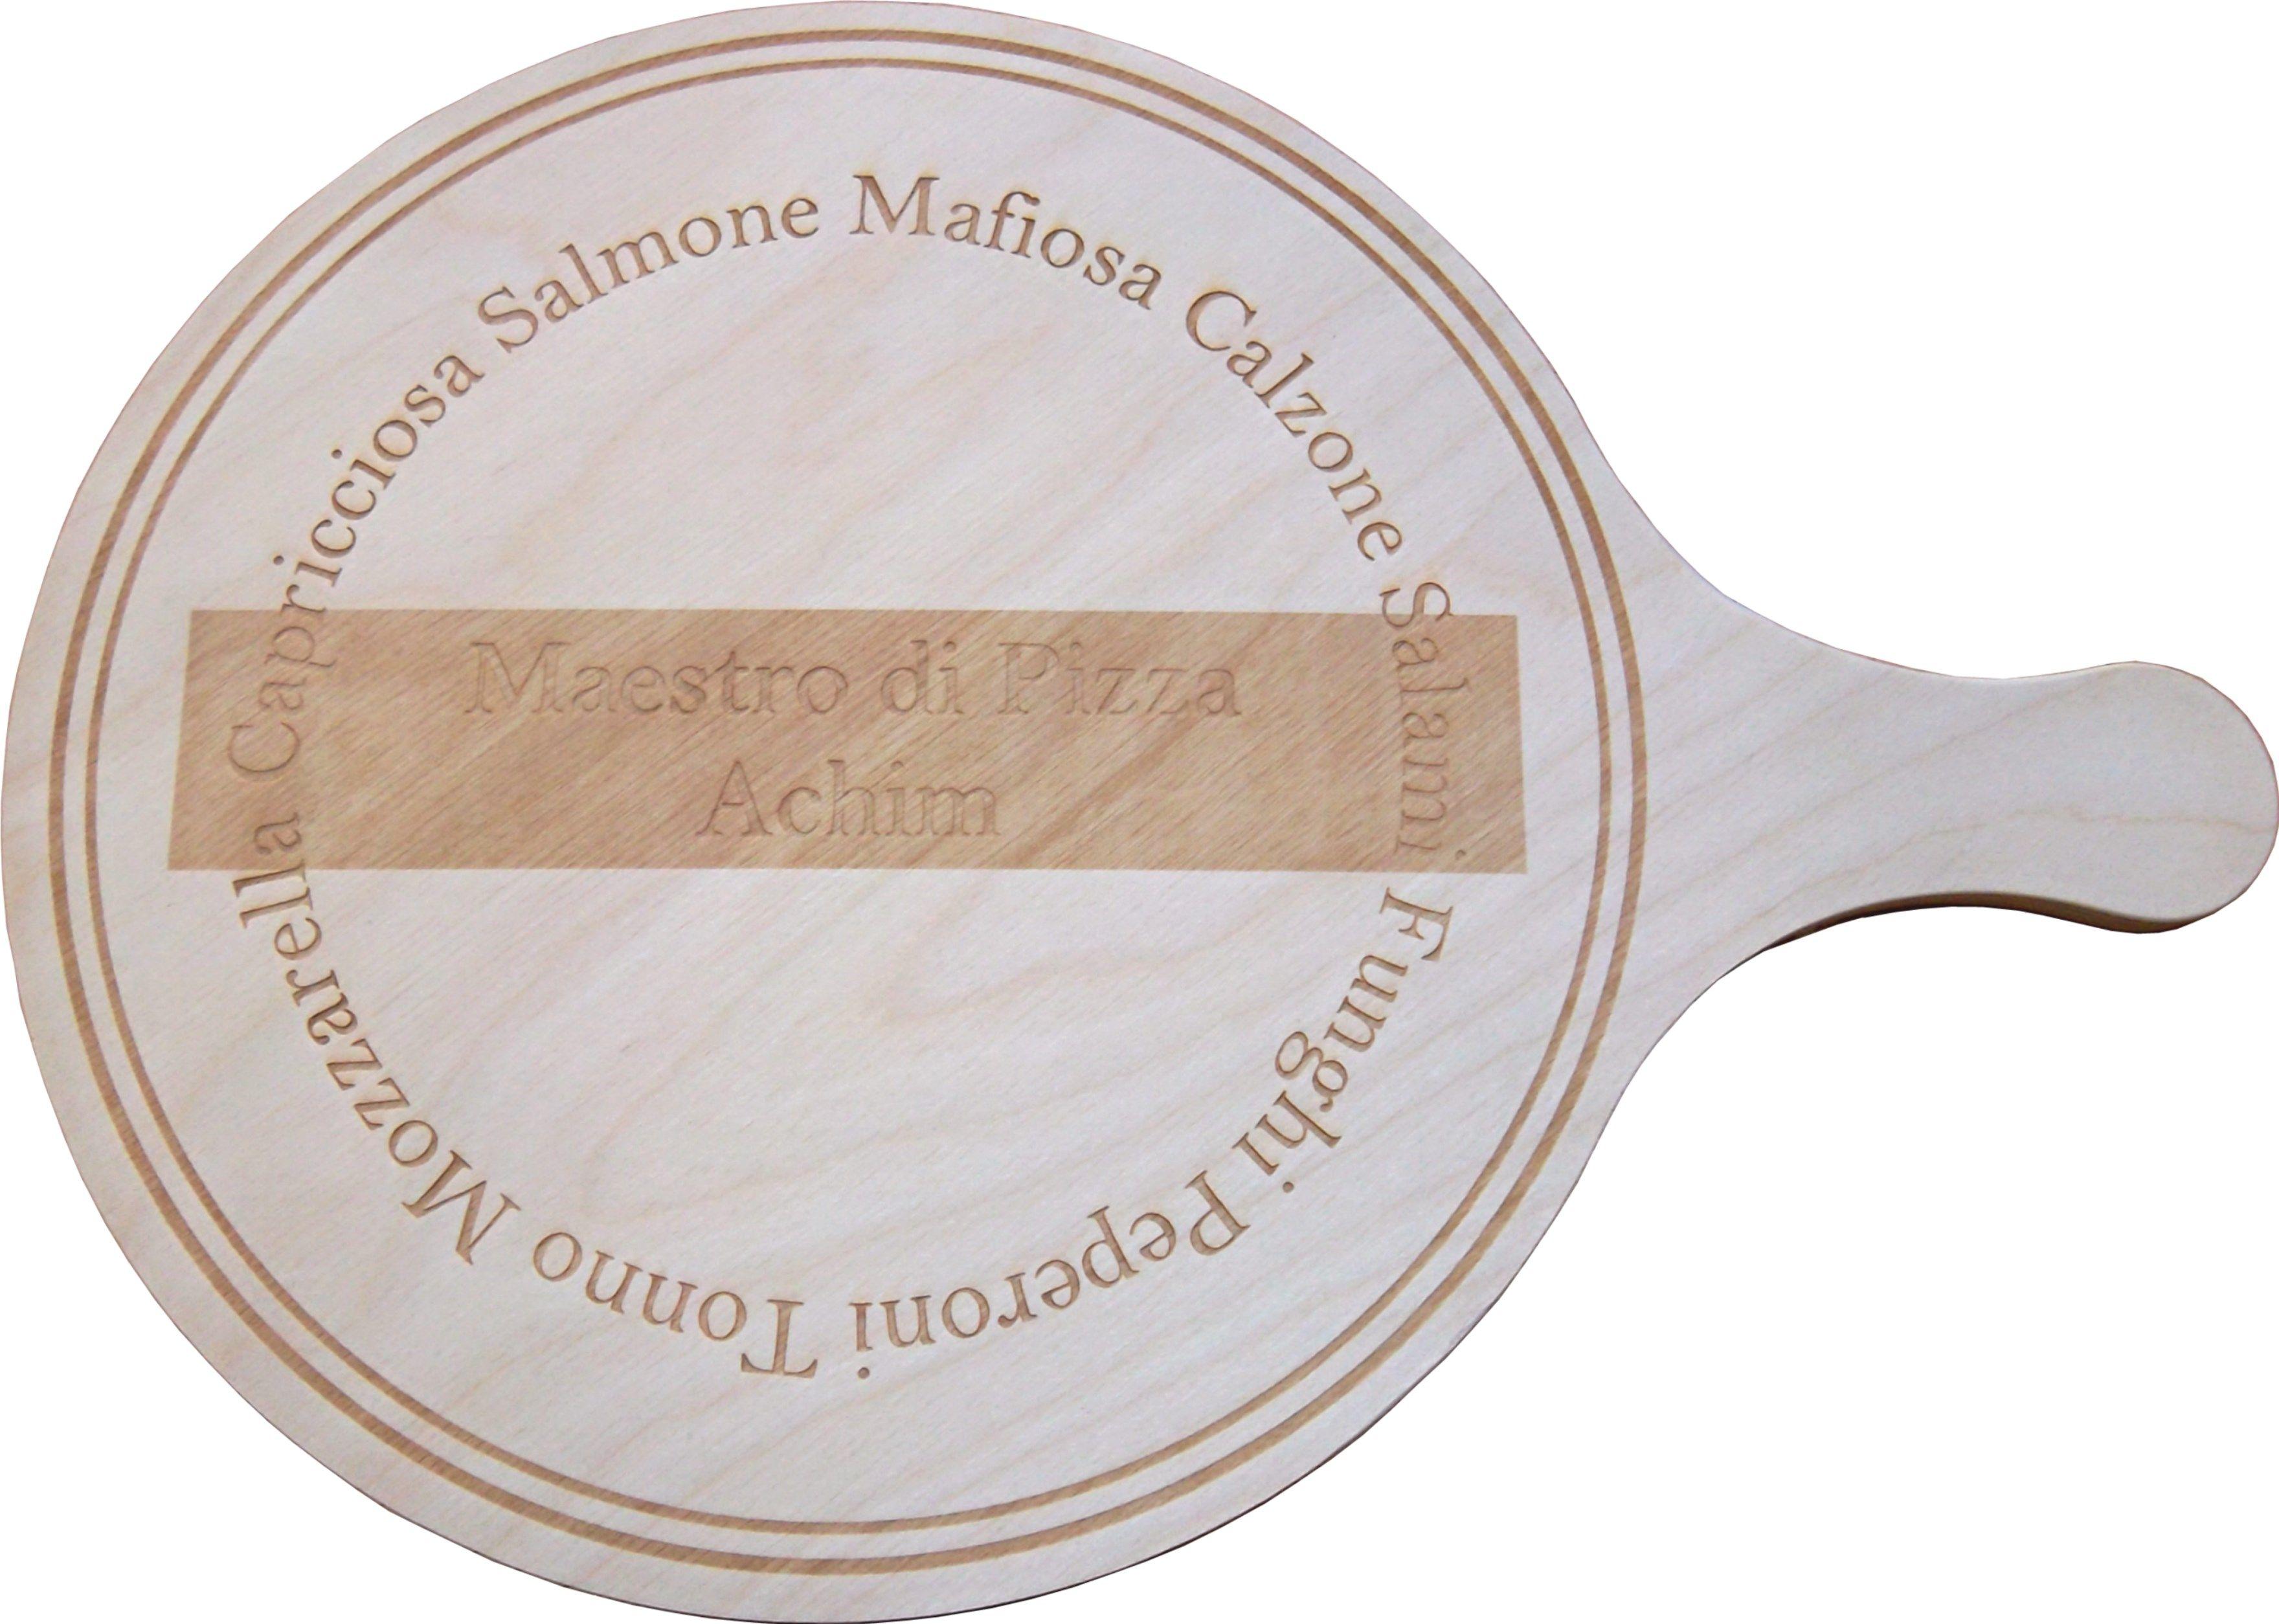 delightful kuhle startseite dekoration modern designe gartenmobel amazon 3 #8: kleines, rundes Pizzabrett mit Lasergravur nach Kundenwunsch gefertigt